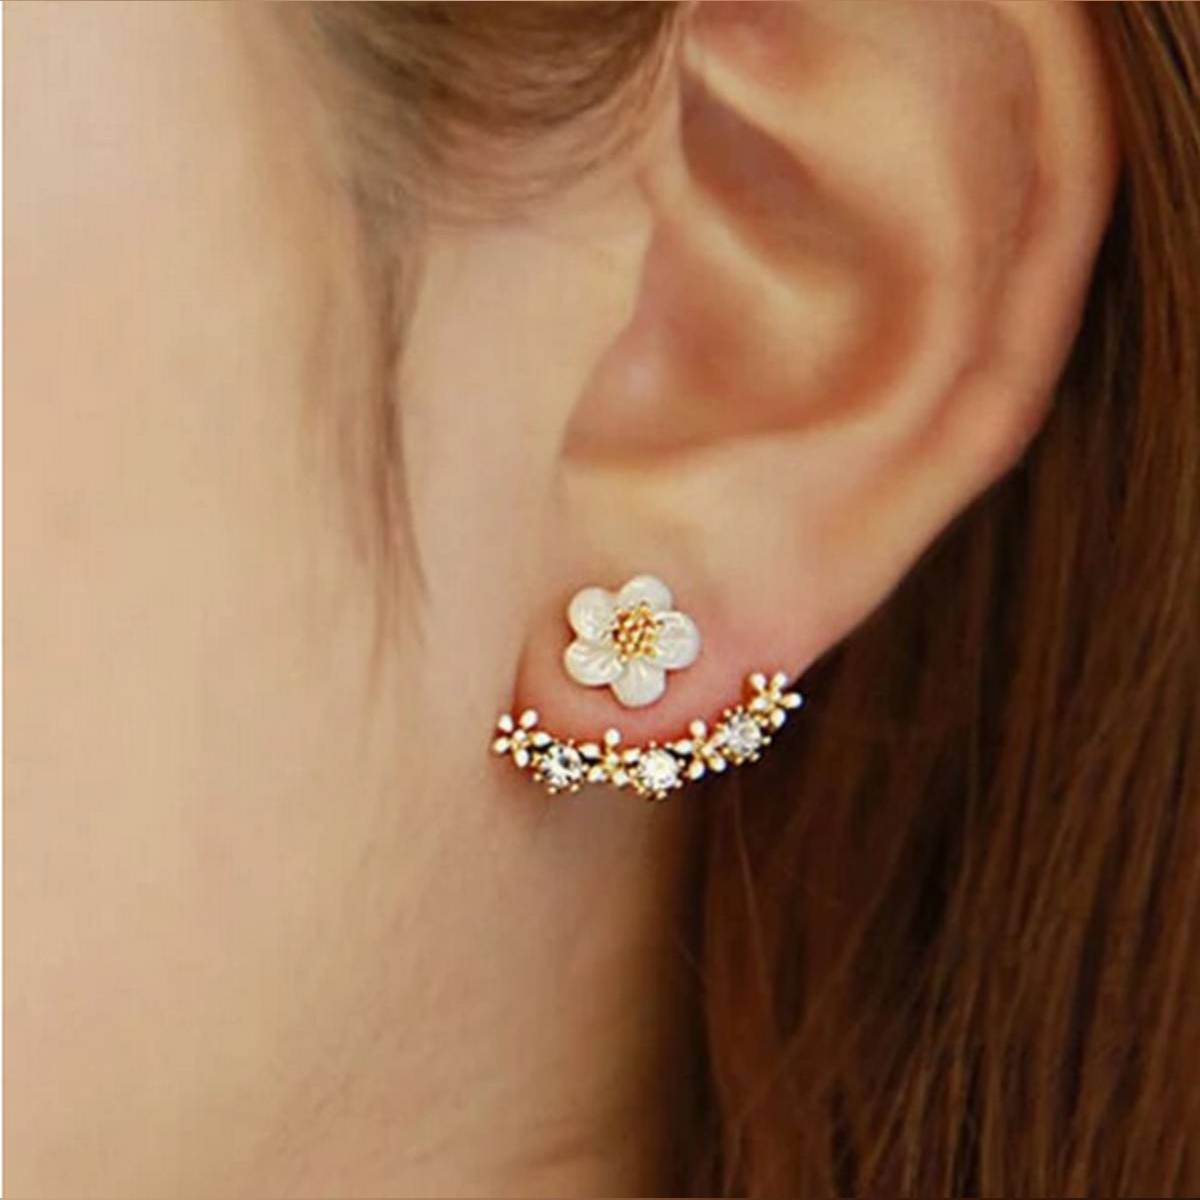 1Pair Women Fashion Flower Crystal Rhinestone Ear Stud Earrings Gift Women's Jewelry